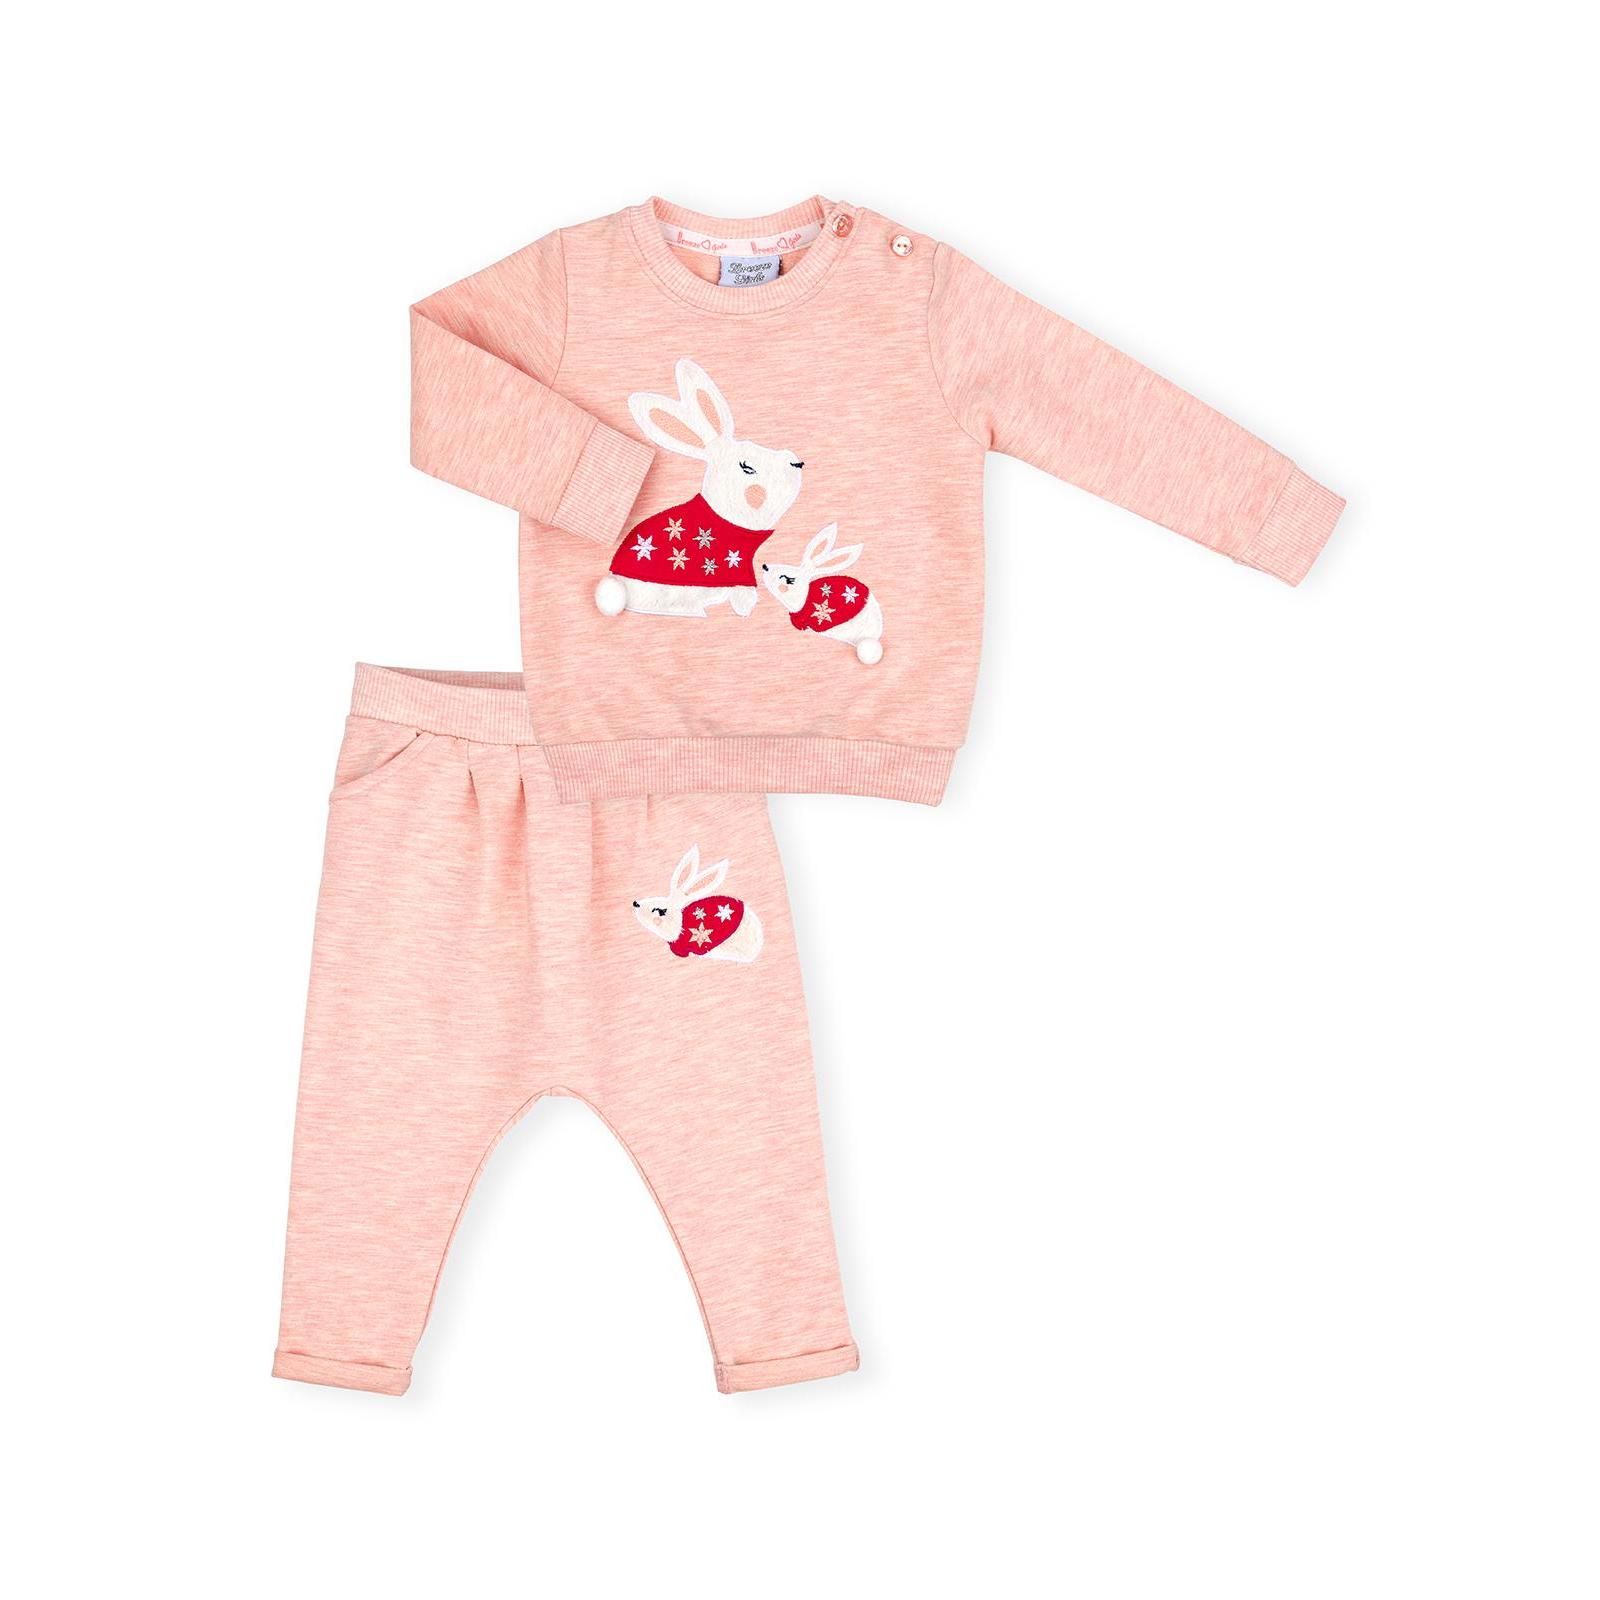 Набор детской одежды Breeze с зайчиками (10214-98G-peach)